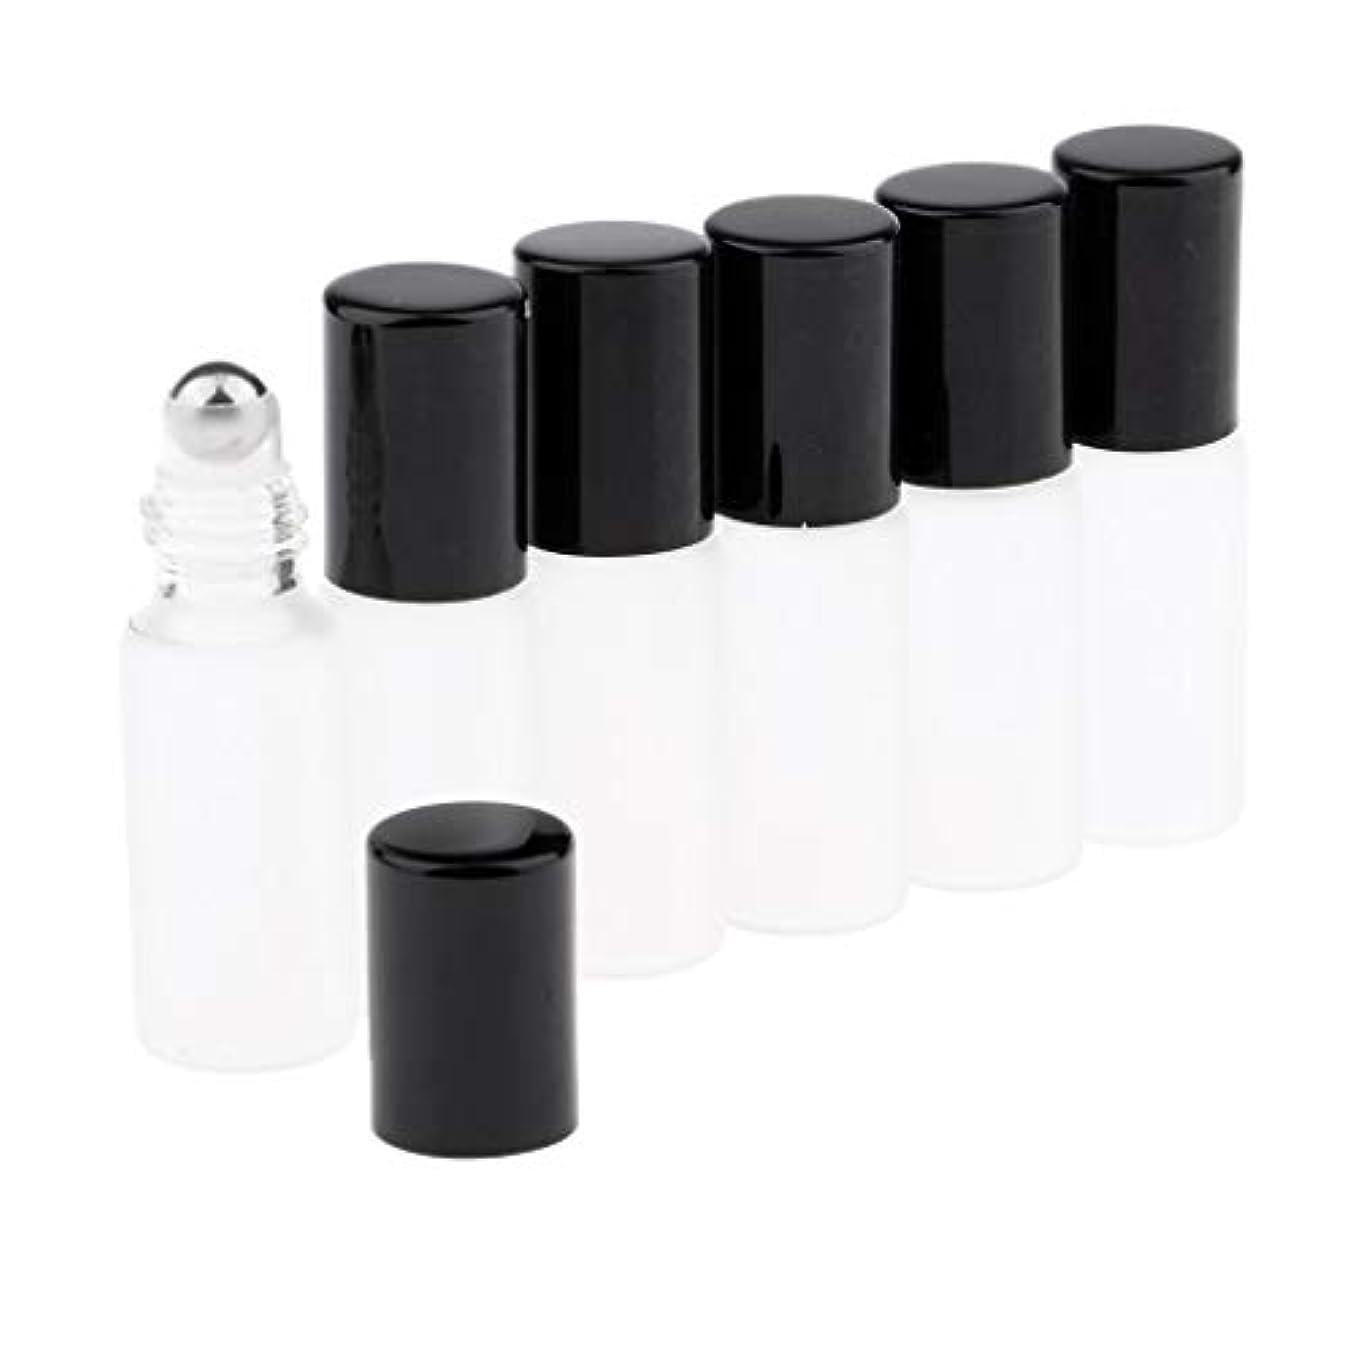 正しい収入サーフィンCUTICATE ガラスアロマボトル 精油 小分けボトル アロマオイル用瓶 香水用瓶 空のローラーボトル 精油ロールボトル 3色 - ブラック